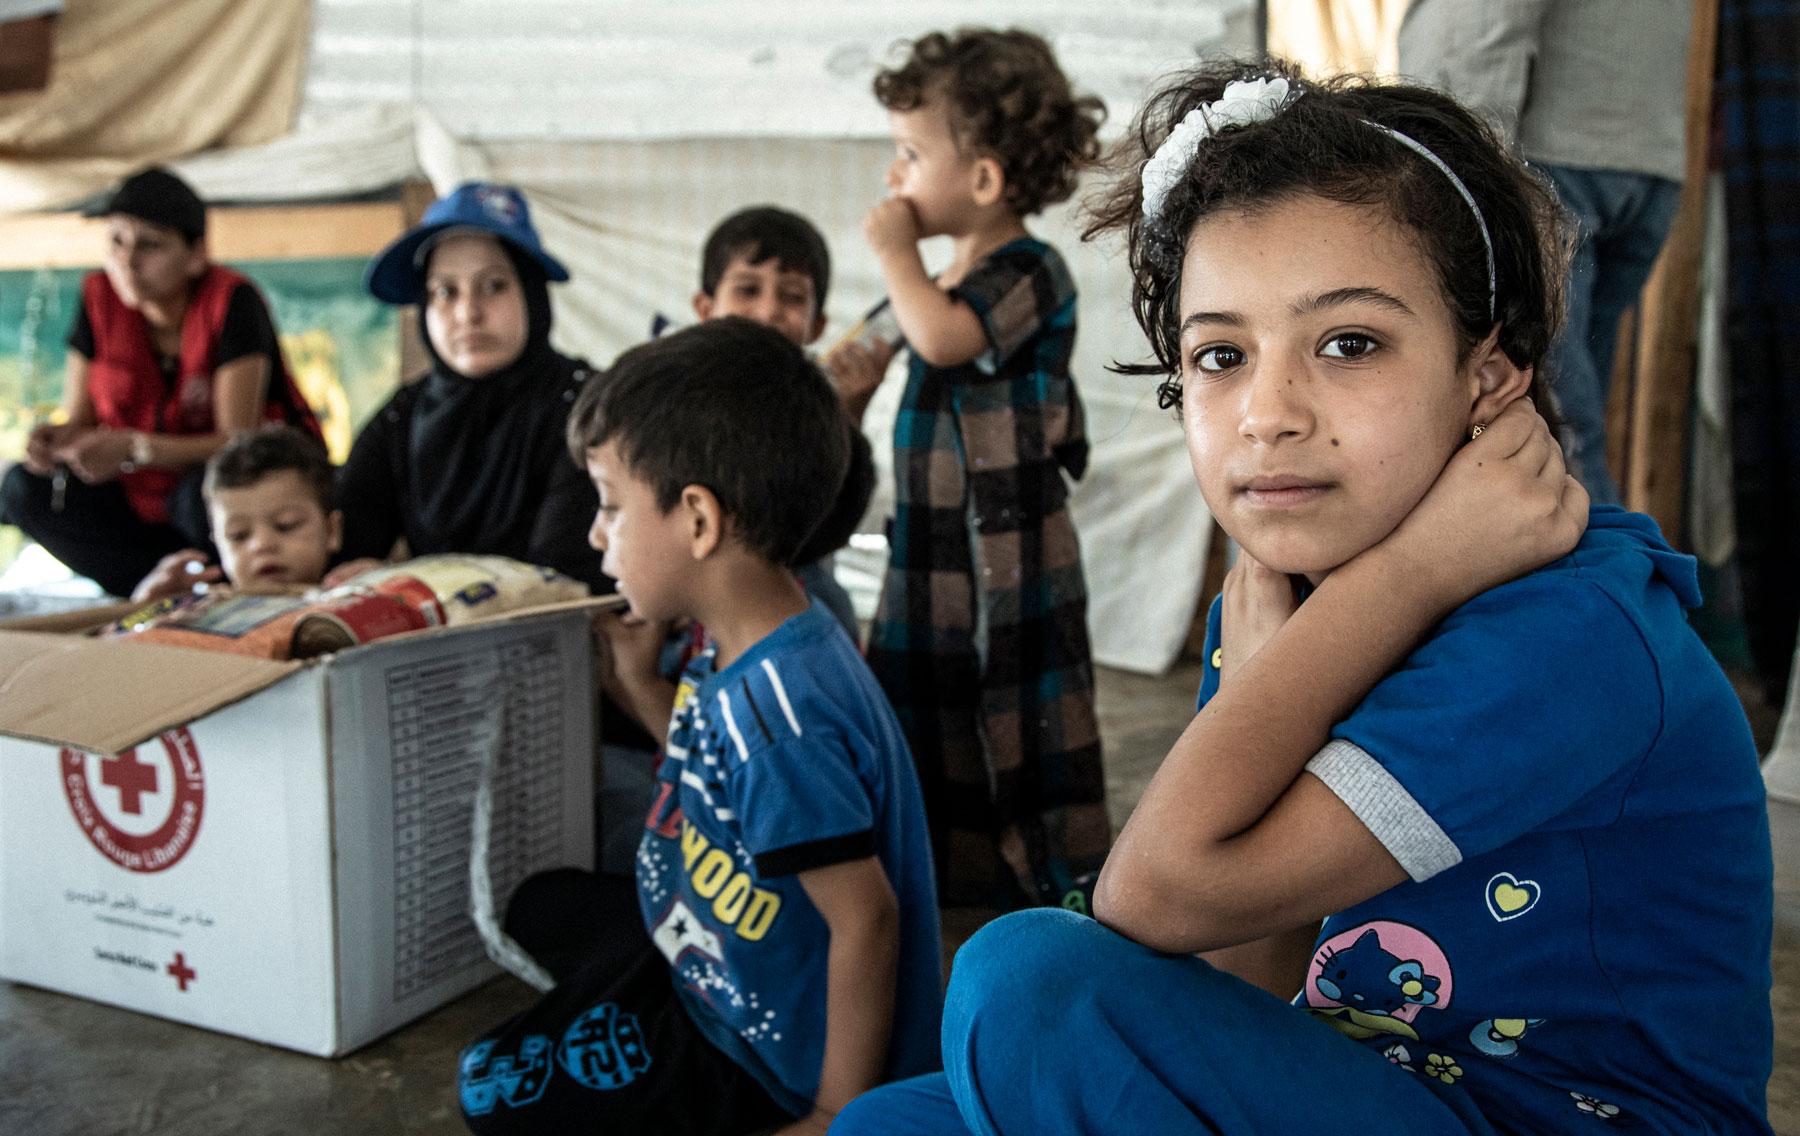 Inass et sa famille ne connaissent que le quotidien morose de la vie dans un camp de réfugiés. © CRS, Monika Flückiger